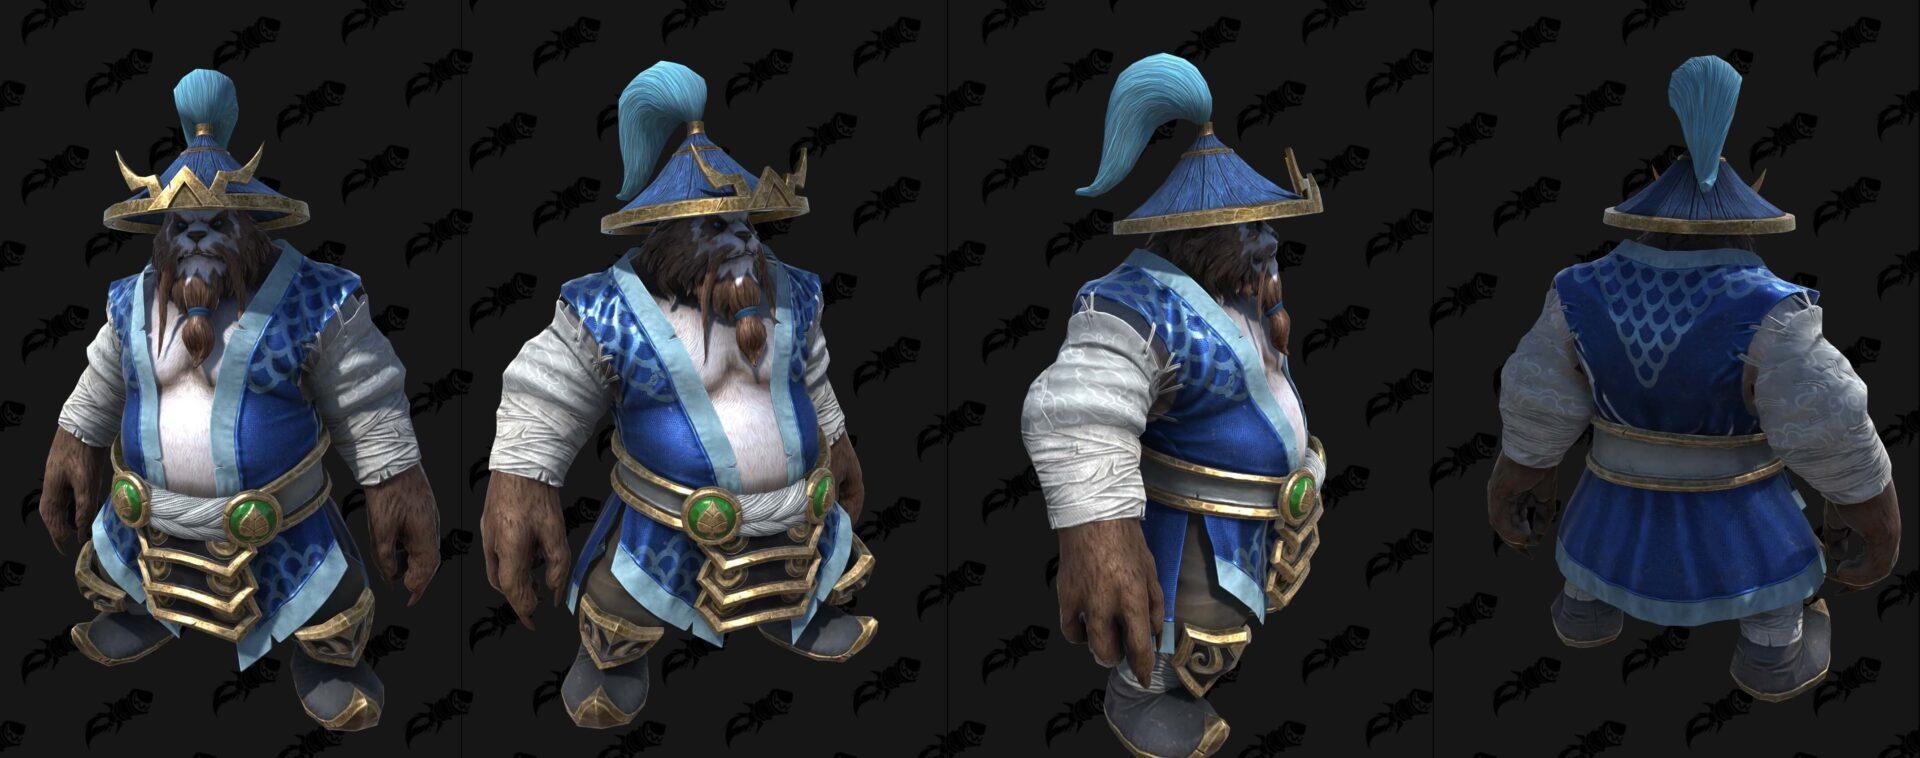 Пандарен-хмелевар (Буря) Warcraft lll: Reforged